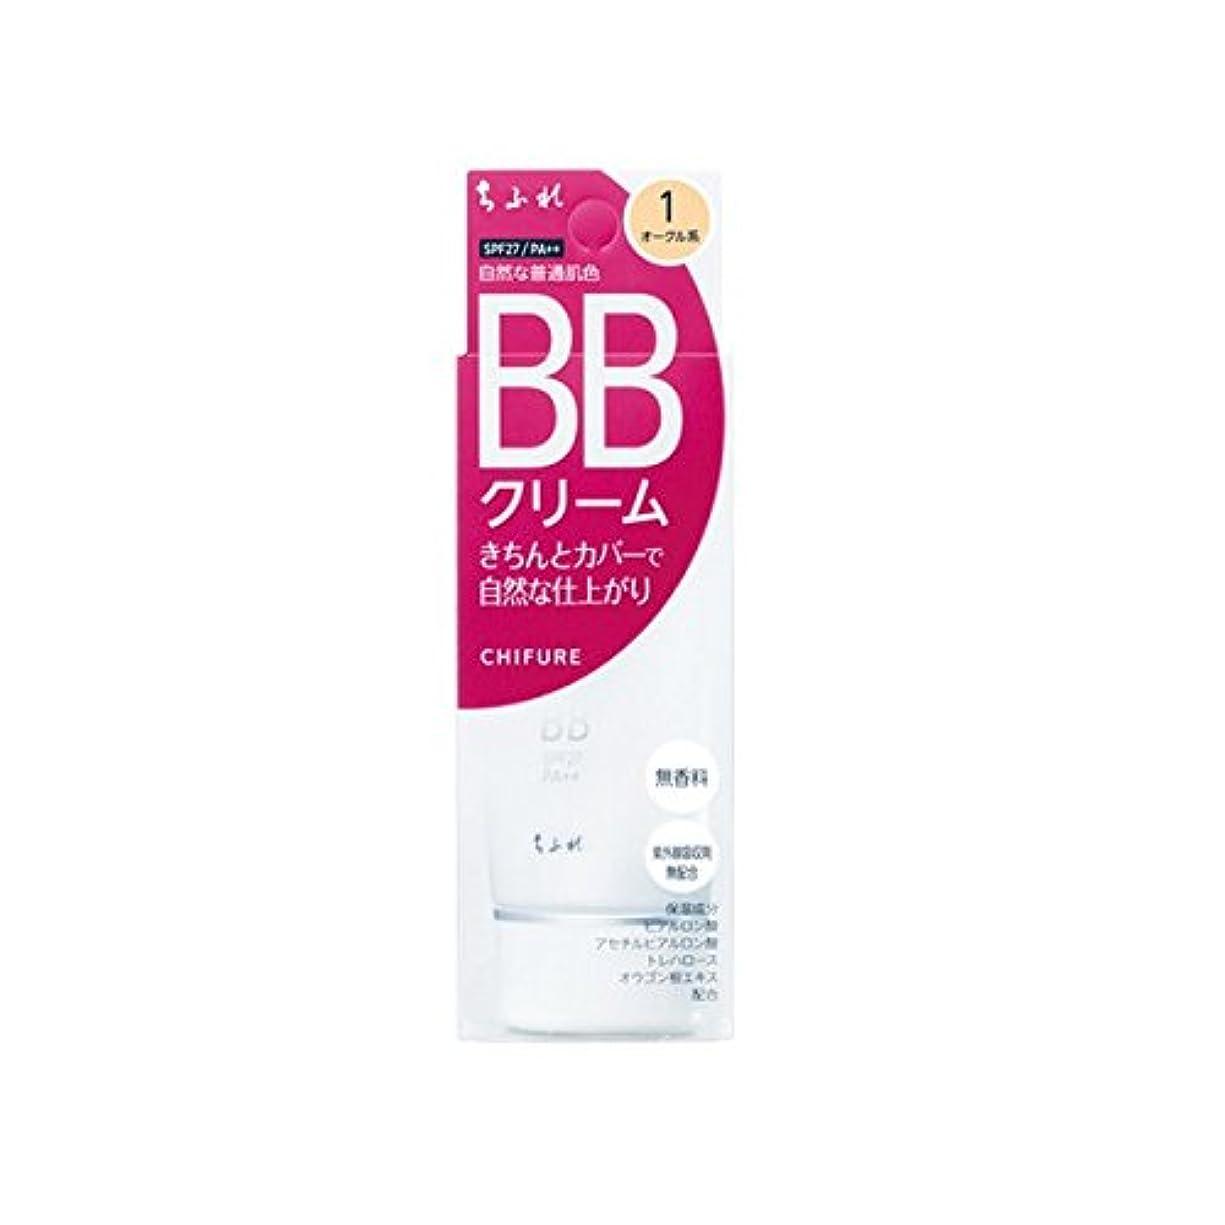 摩擦溶かす州ちふれ化粧品 BB クリーム 1 自然な普通肌色 BBクリーム 1